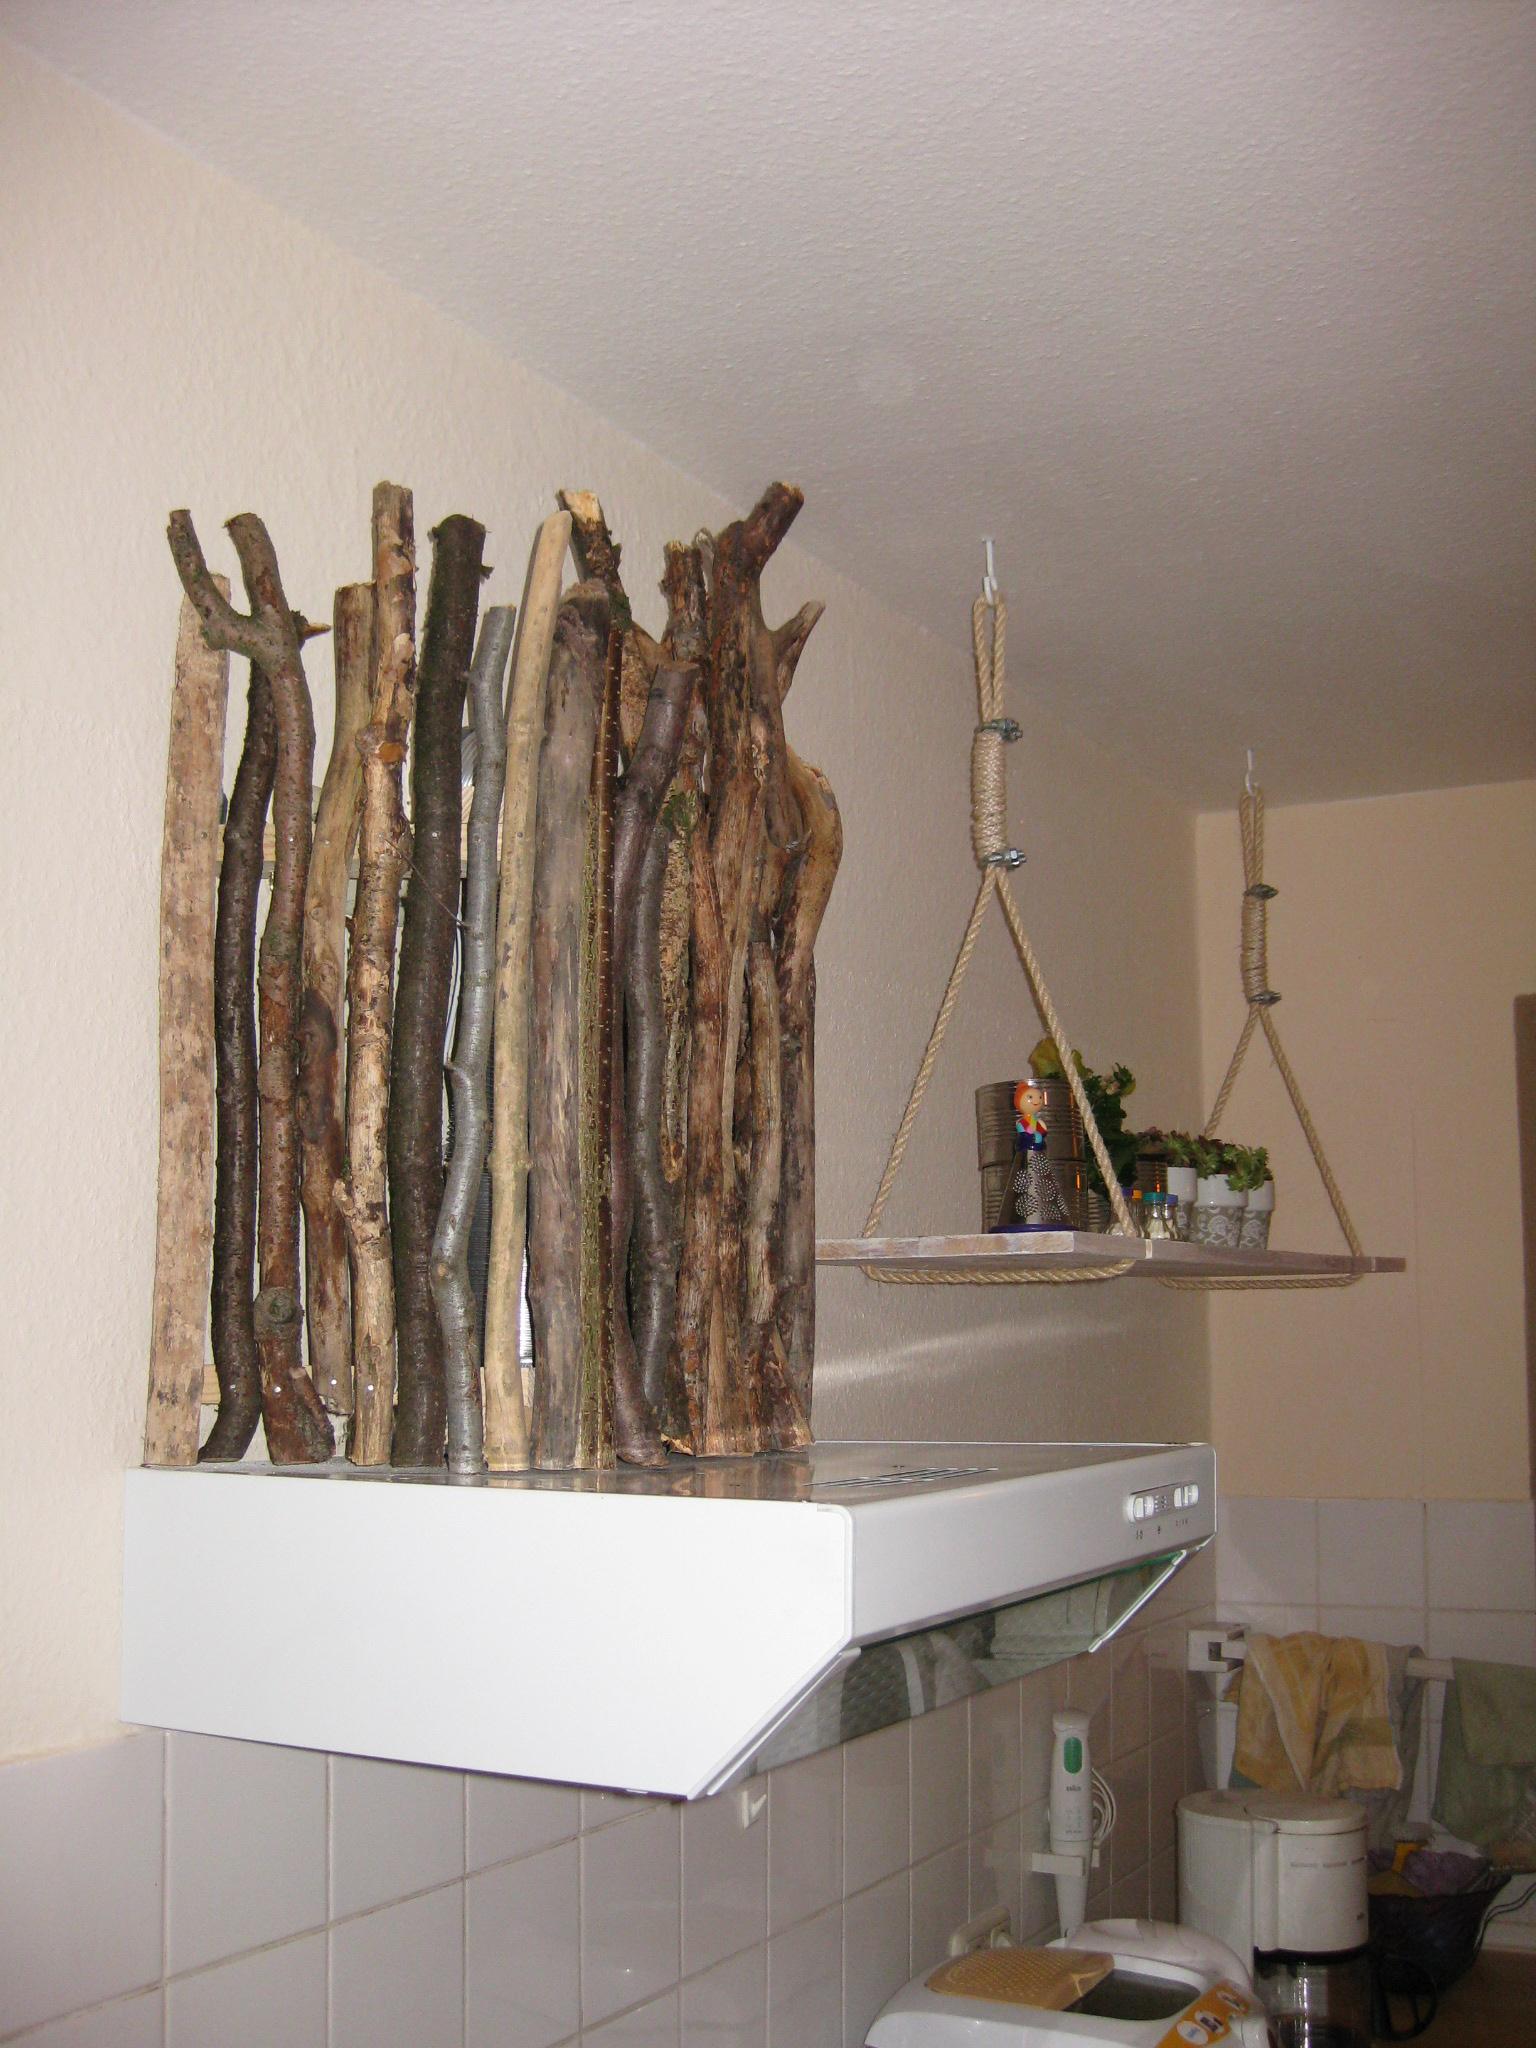 Treibholz  zur Verkleidung des Abzugsrohr an der Dunstabzugshaube